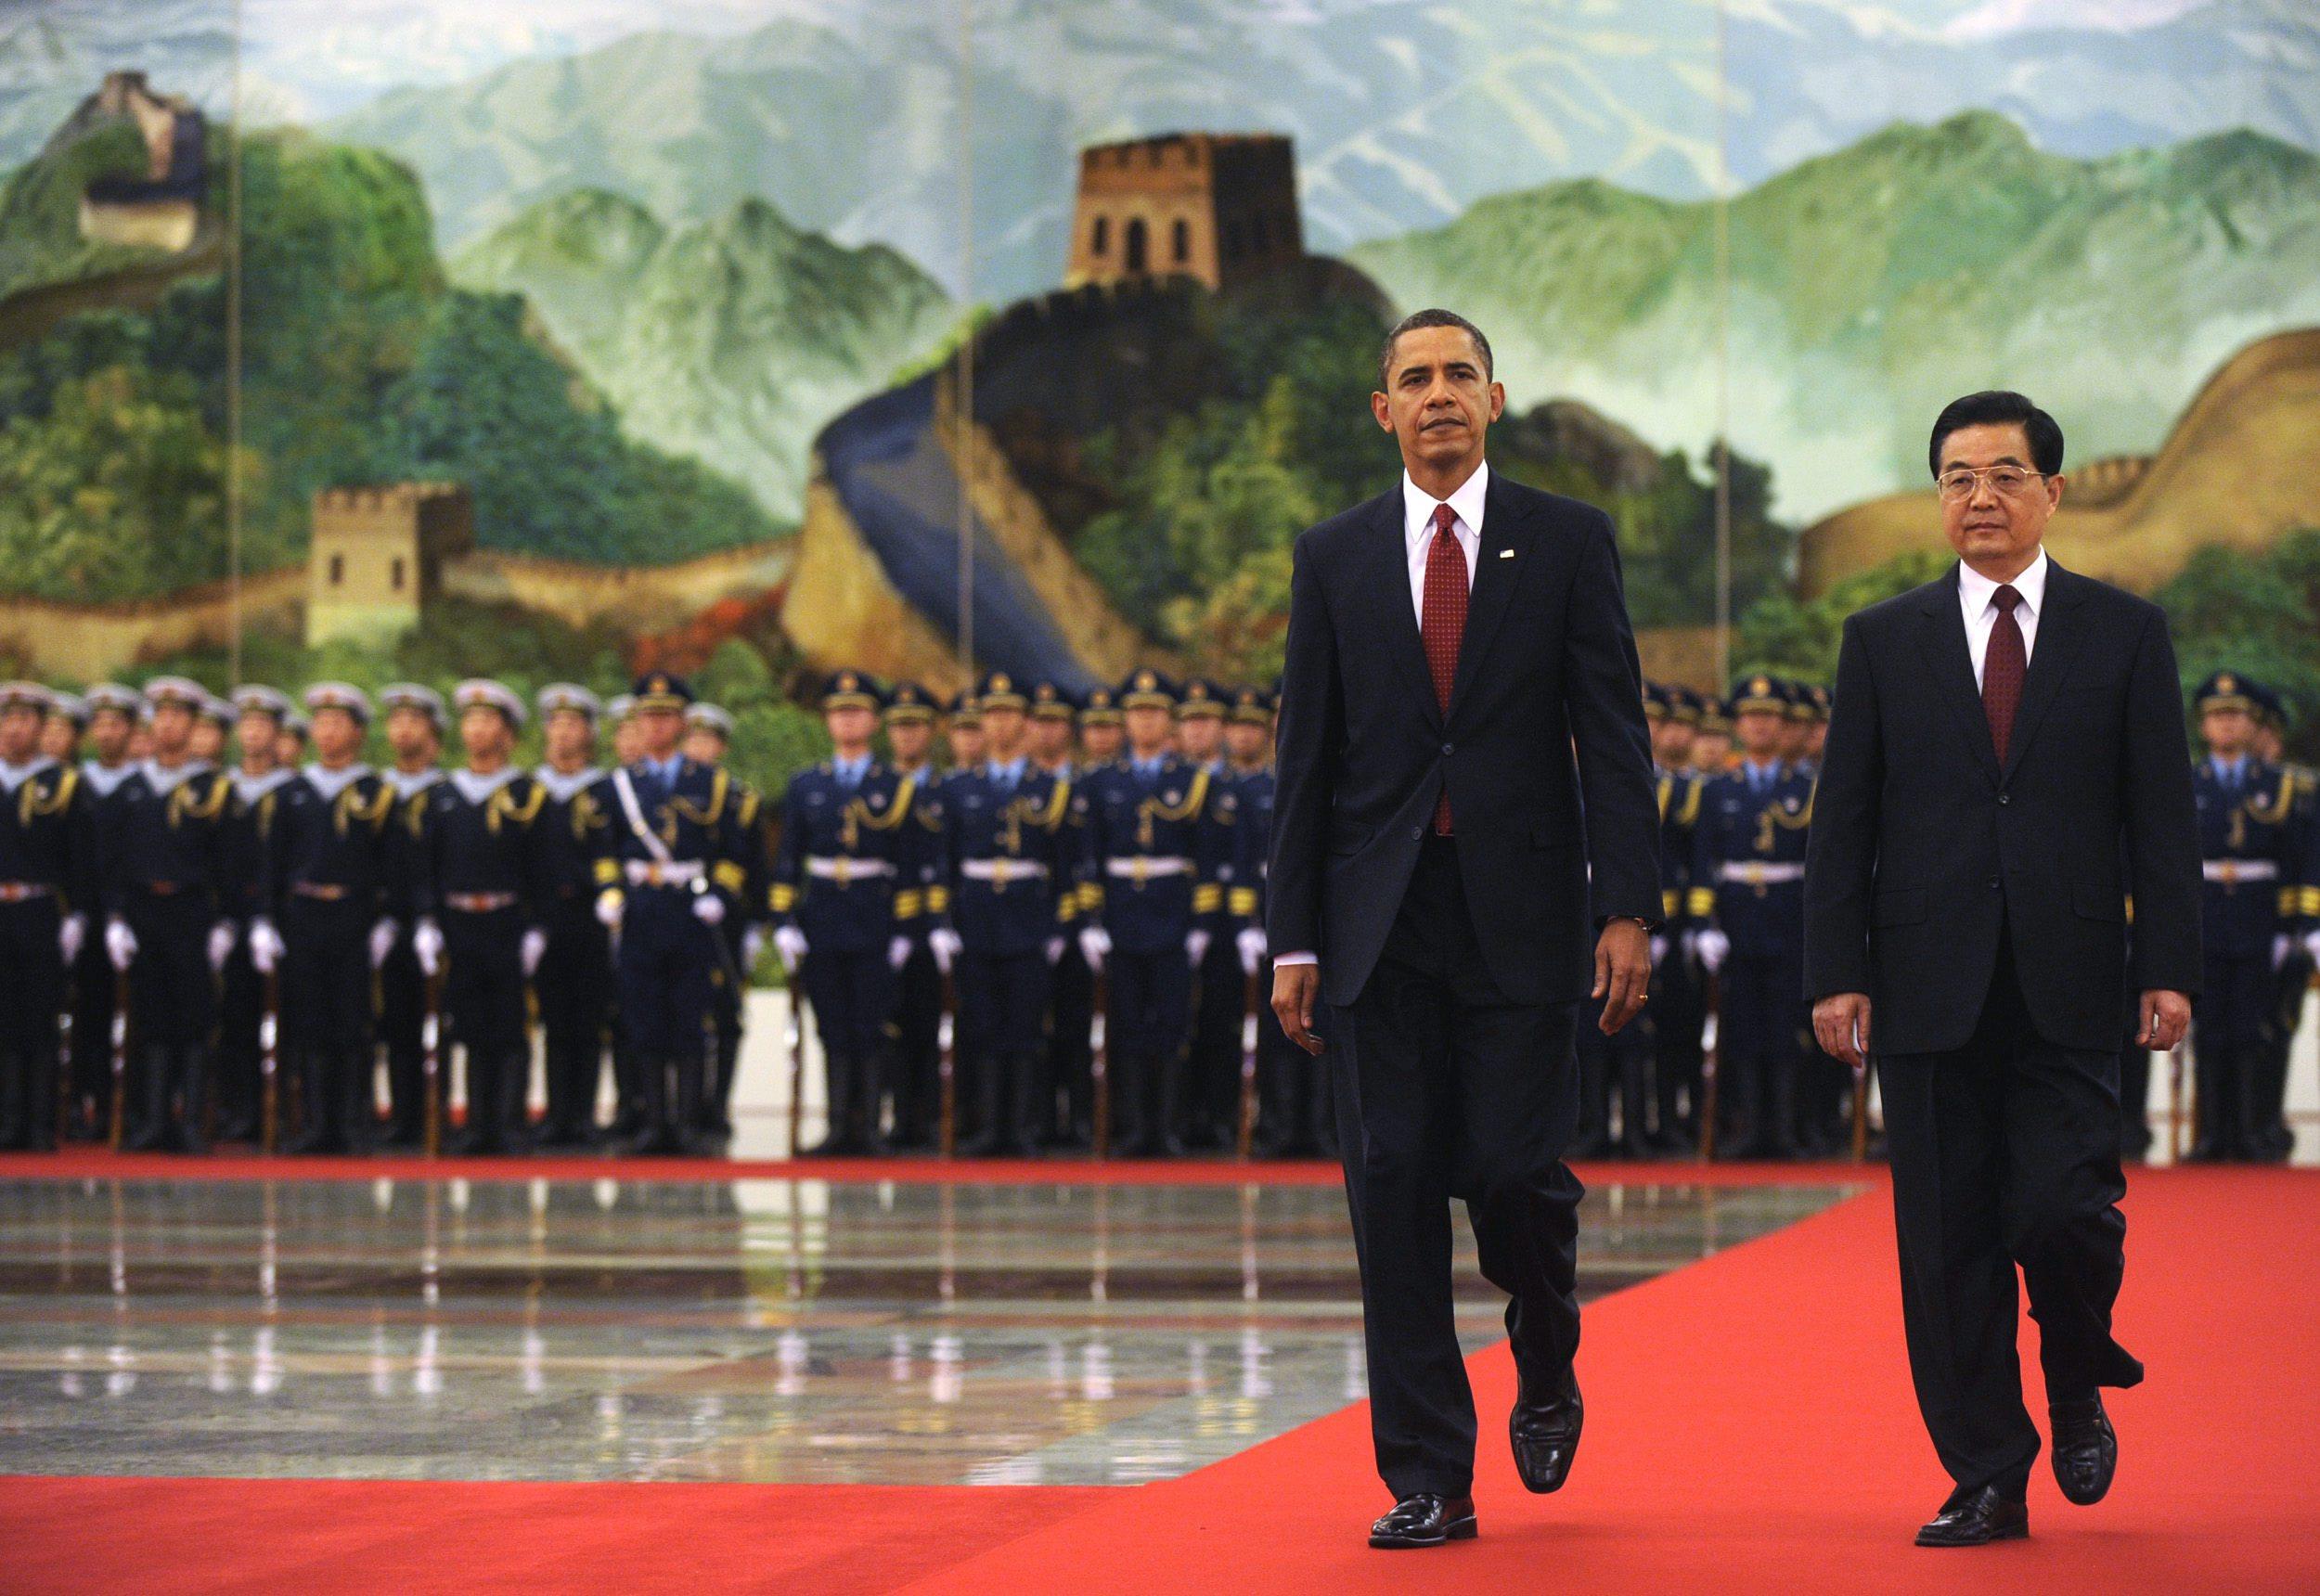 President Obama in China